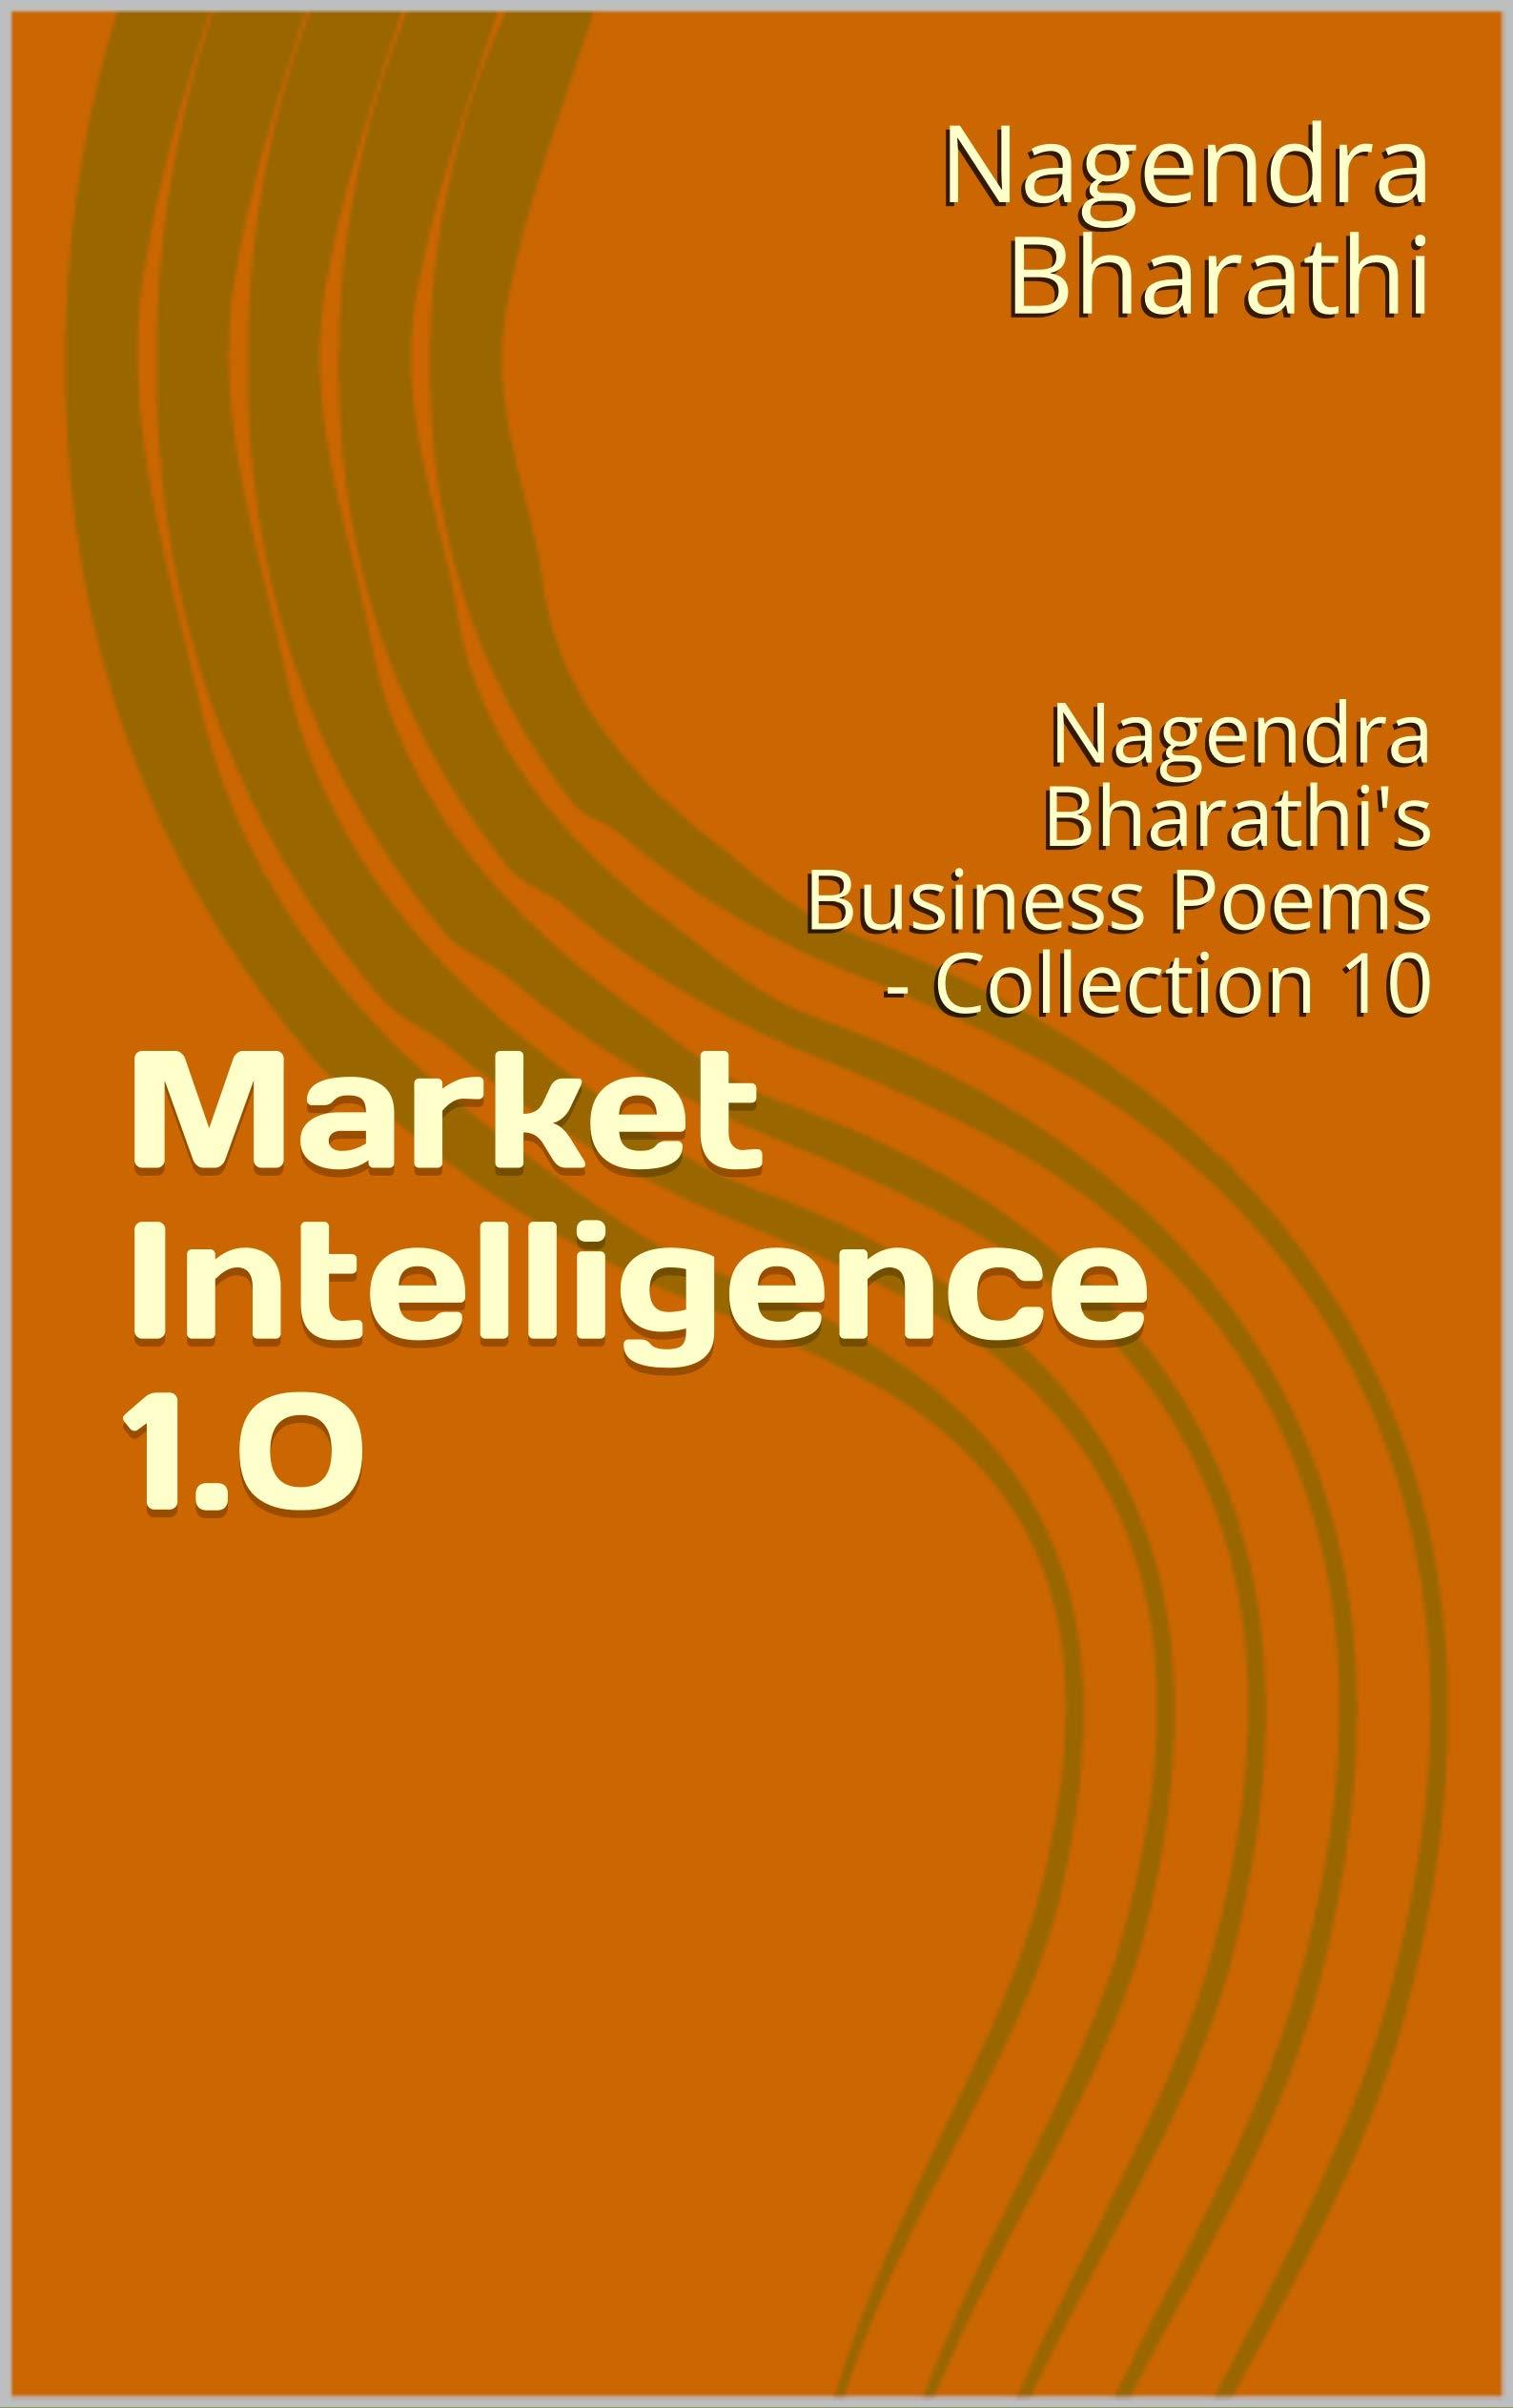 Market Intelligence 1.0: Nagendra Bharathi's Business Poems - Collection 10 (Nagendra Bharathi's Business poems Collection)